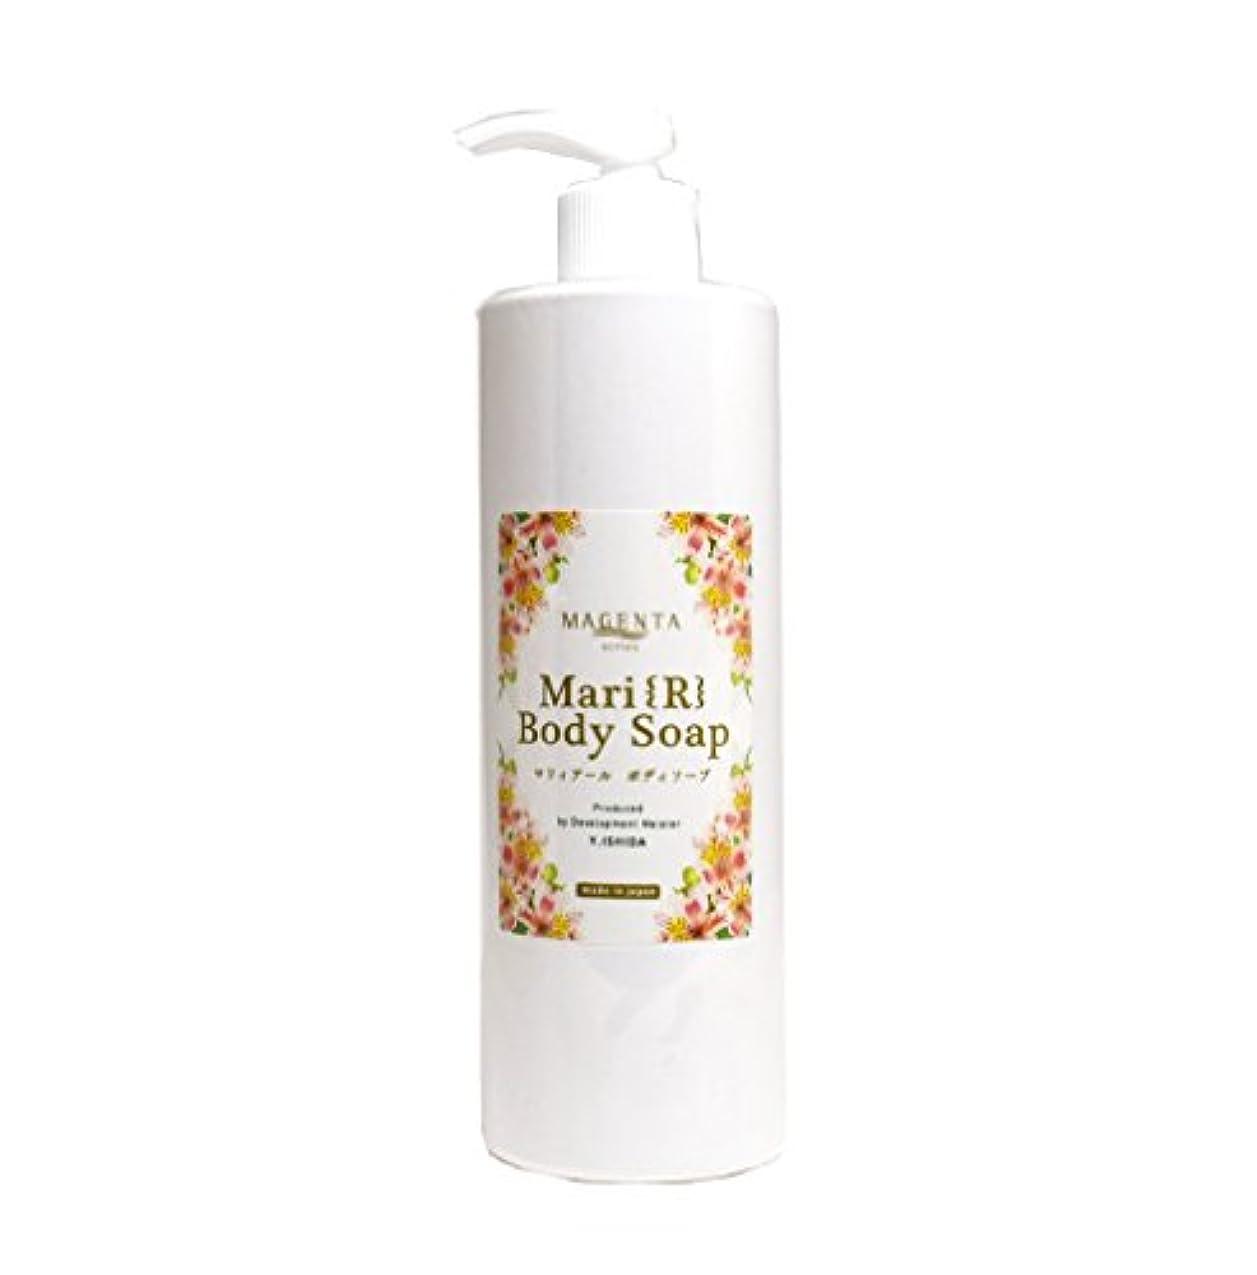 裁定指誇張するMAGENTA Mari R Body Soap 400ml マジェンタ マリイアール ボディソープ 日本製